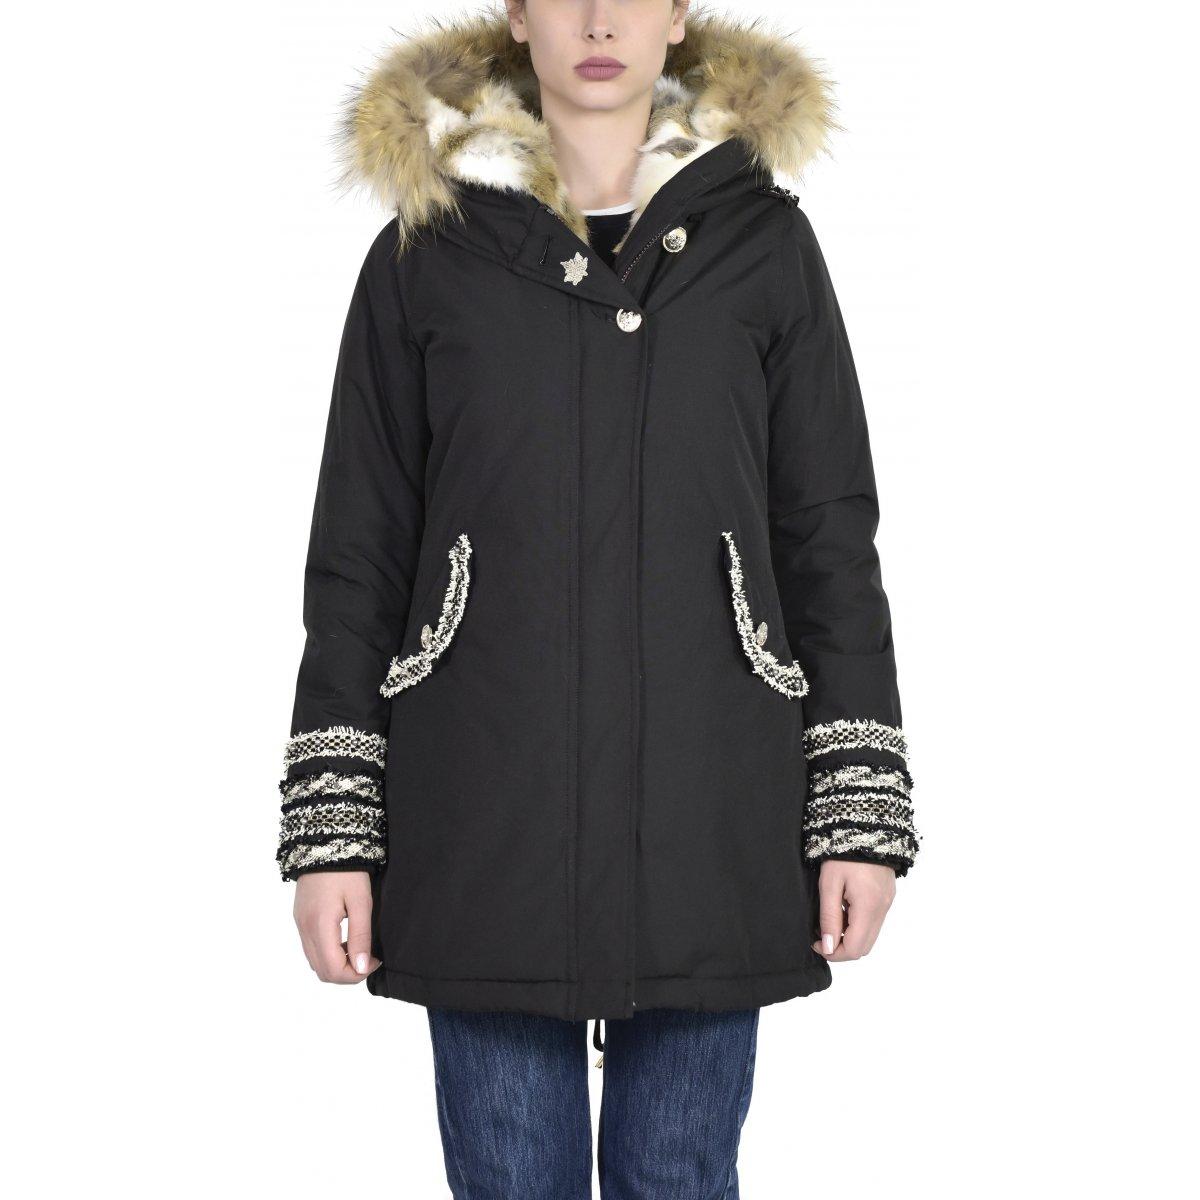 design di qualità 52d8b 67c76 Giacca Donna Sonora Nuovo Ricamo - Women Canadian Women